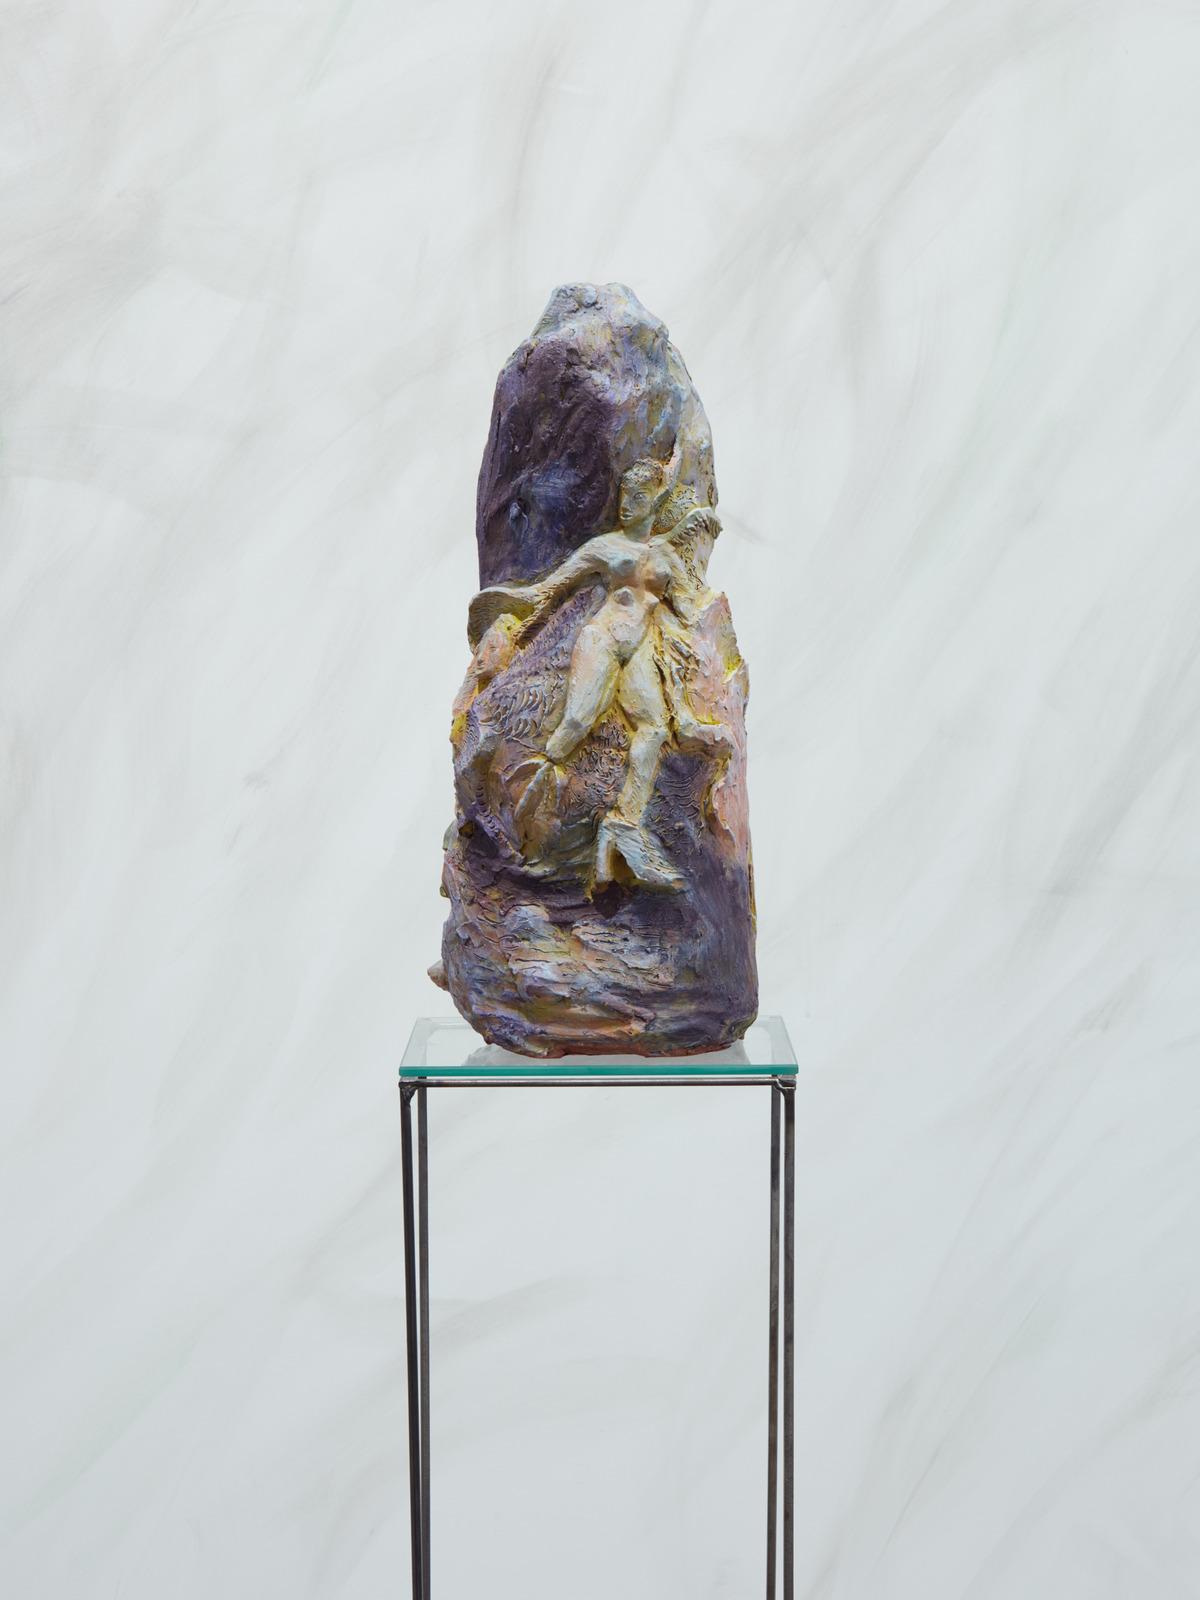 Duda Bebek, Oona, 2016, Acrylic on clay, 18 x 7 x 8 in, 46 x 19 x 21 cm